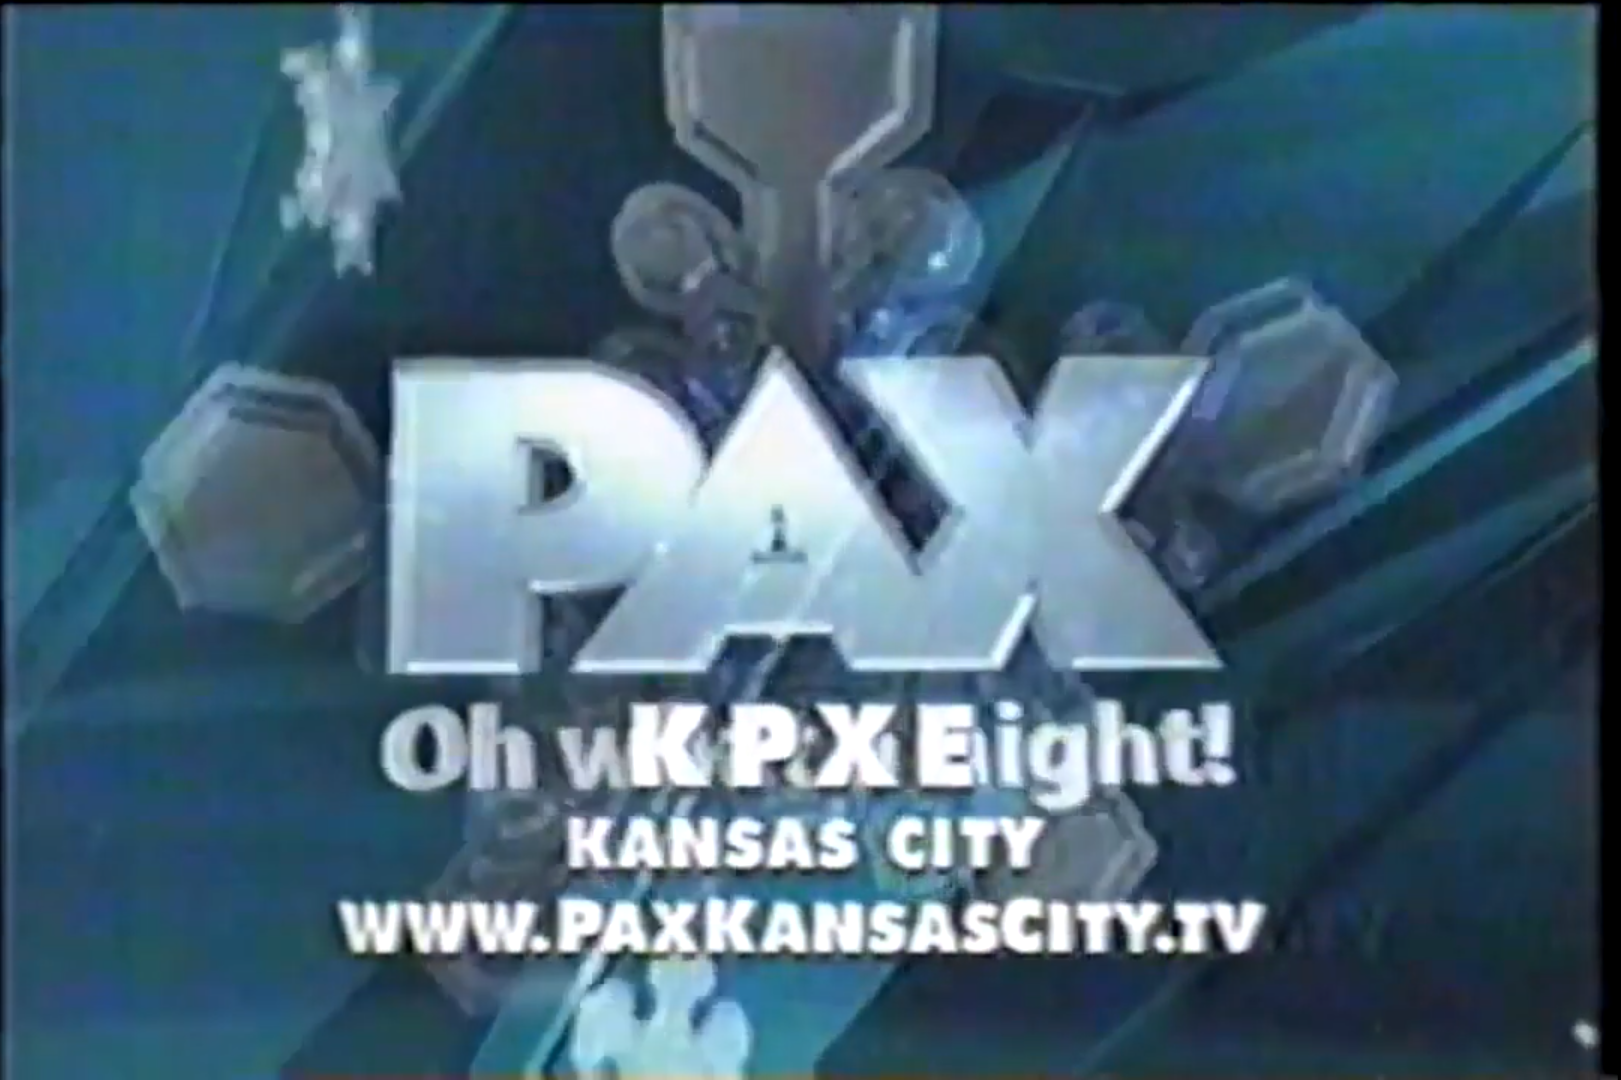 KPXE-TV